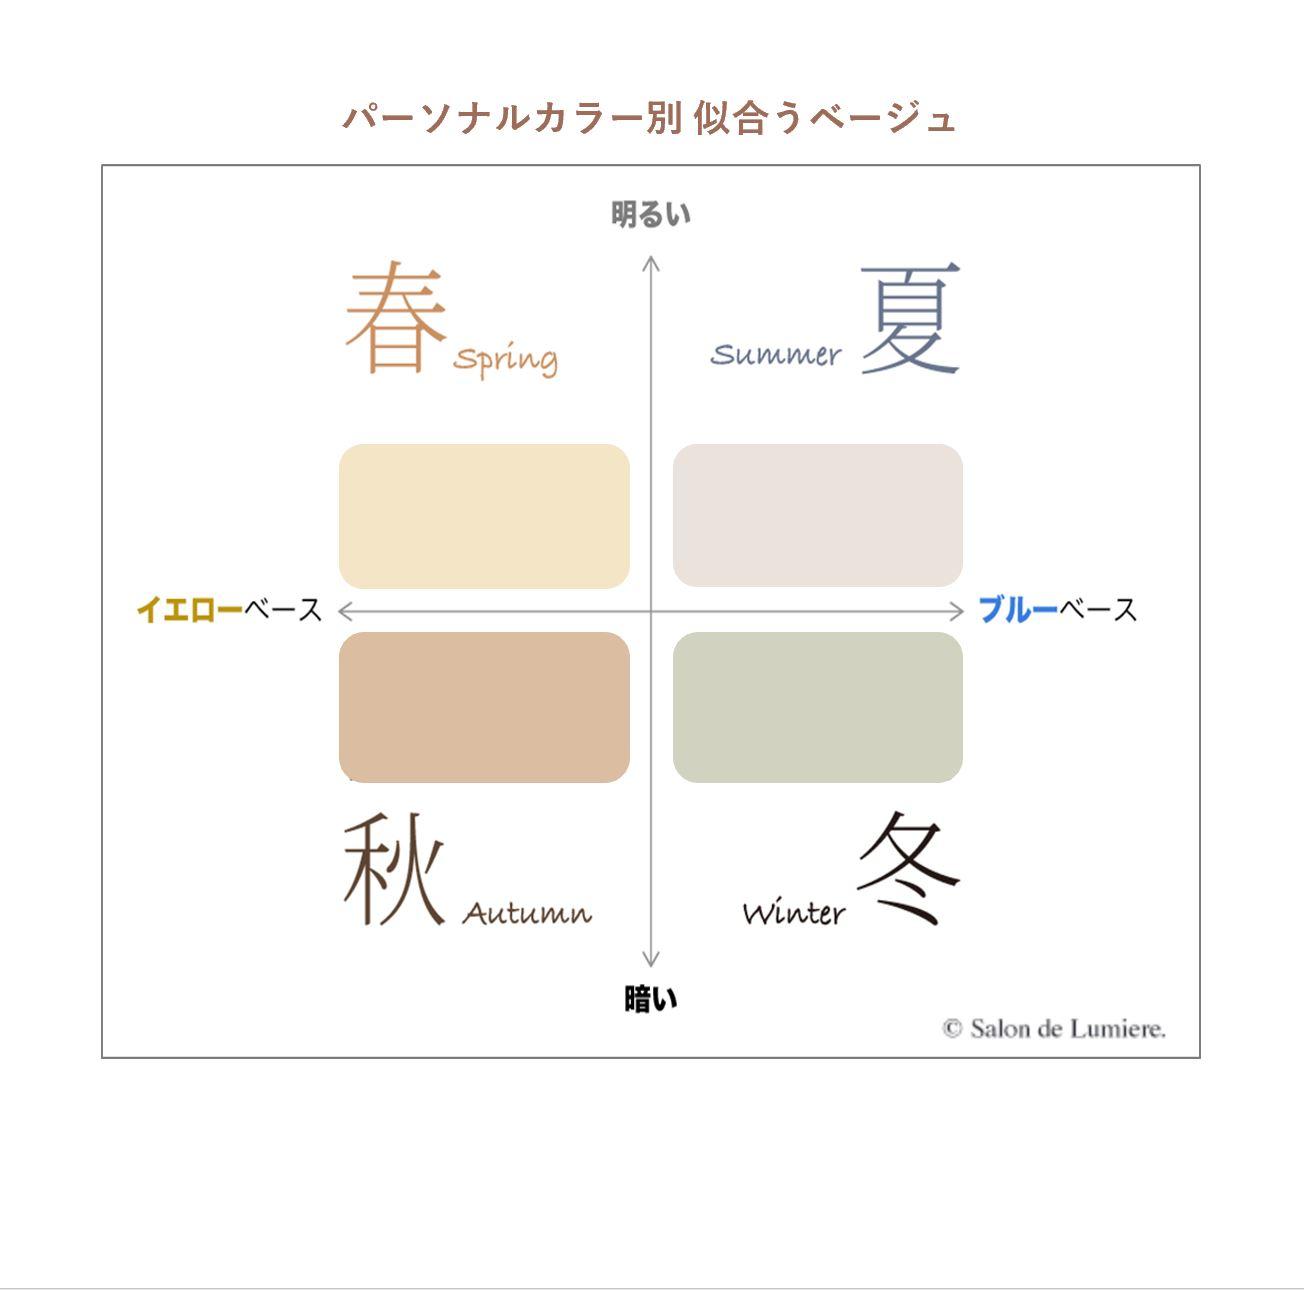 パーソナルカラー別似合うベージュの選び方。パーソナルビューティーカラー研究所 サロン・ド・ルミエール 東京青山